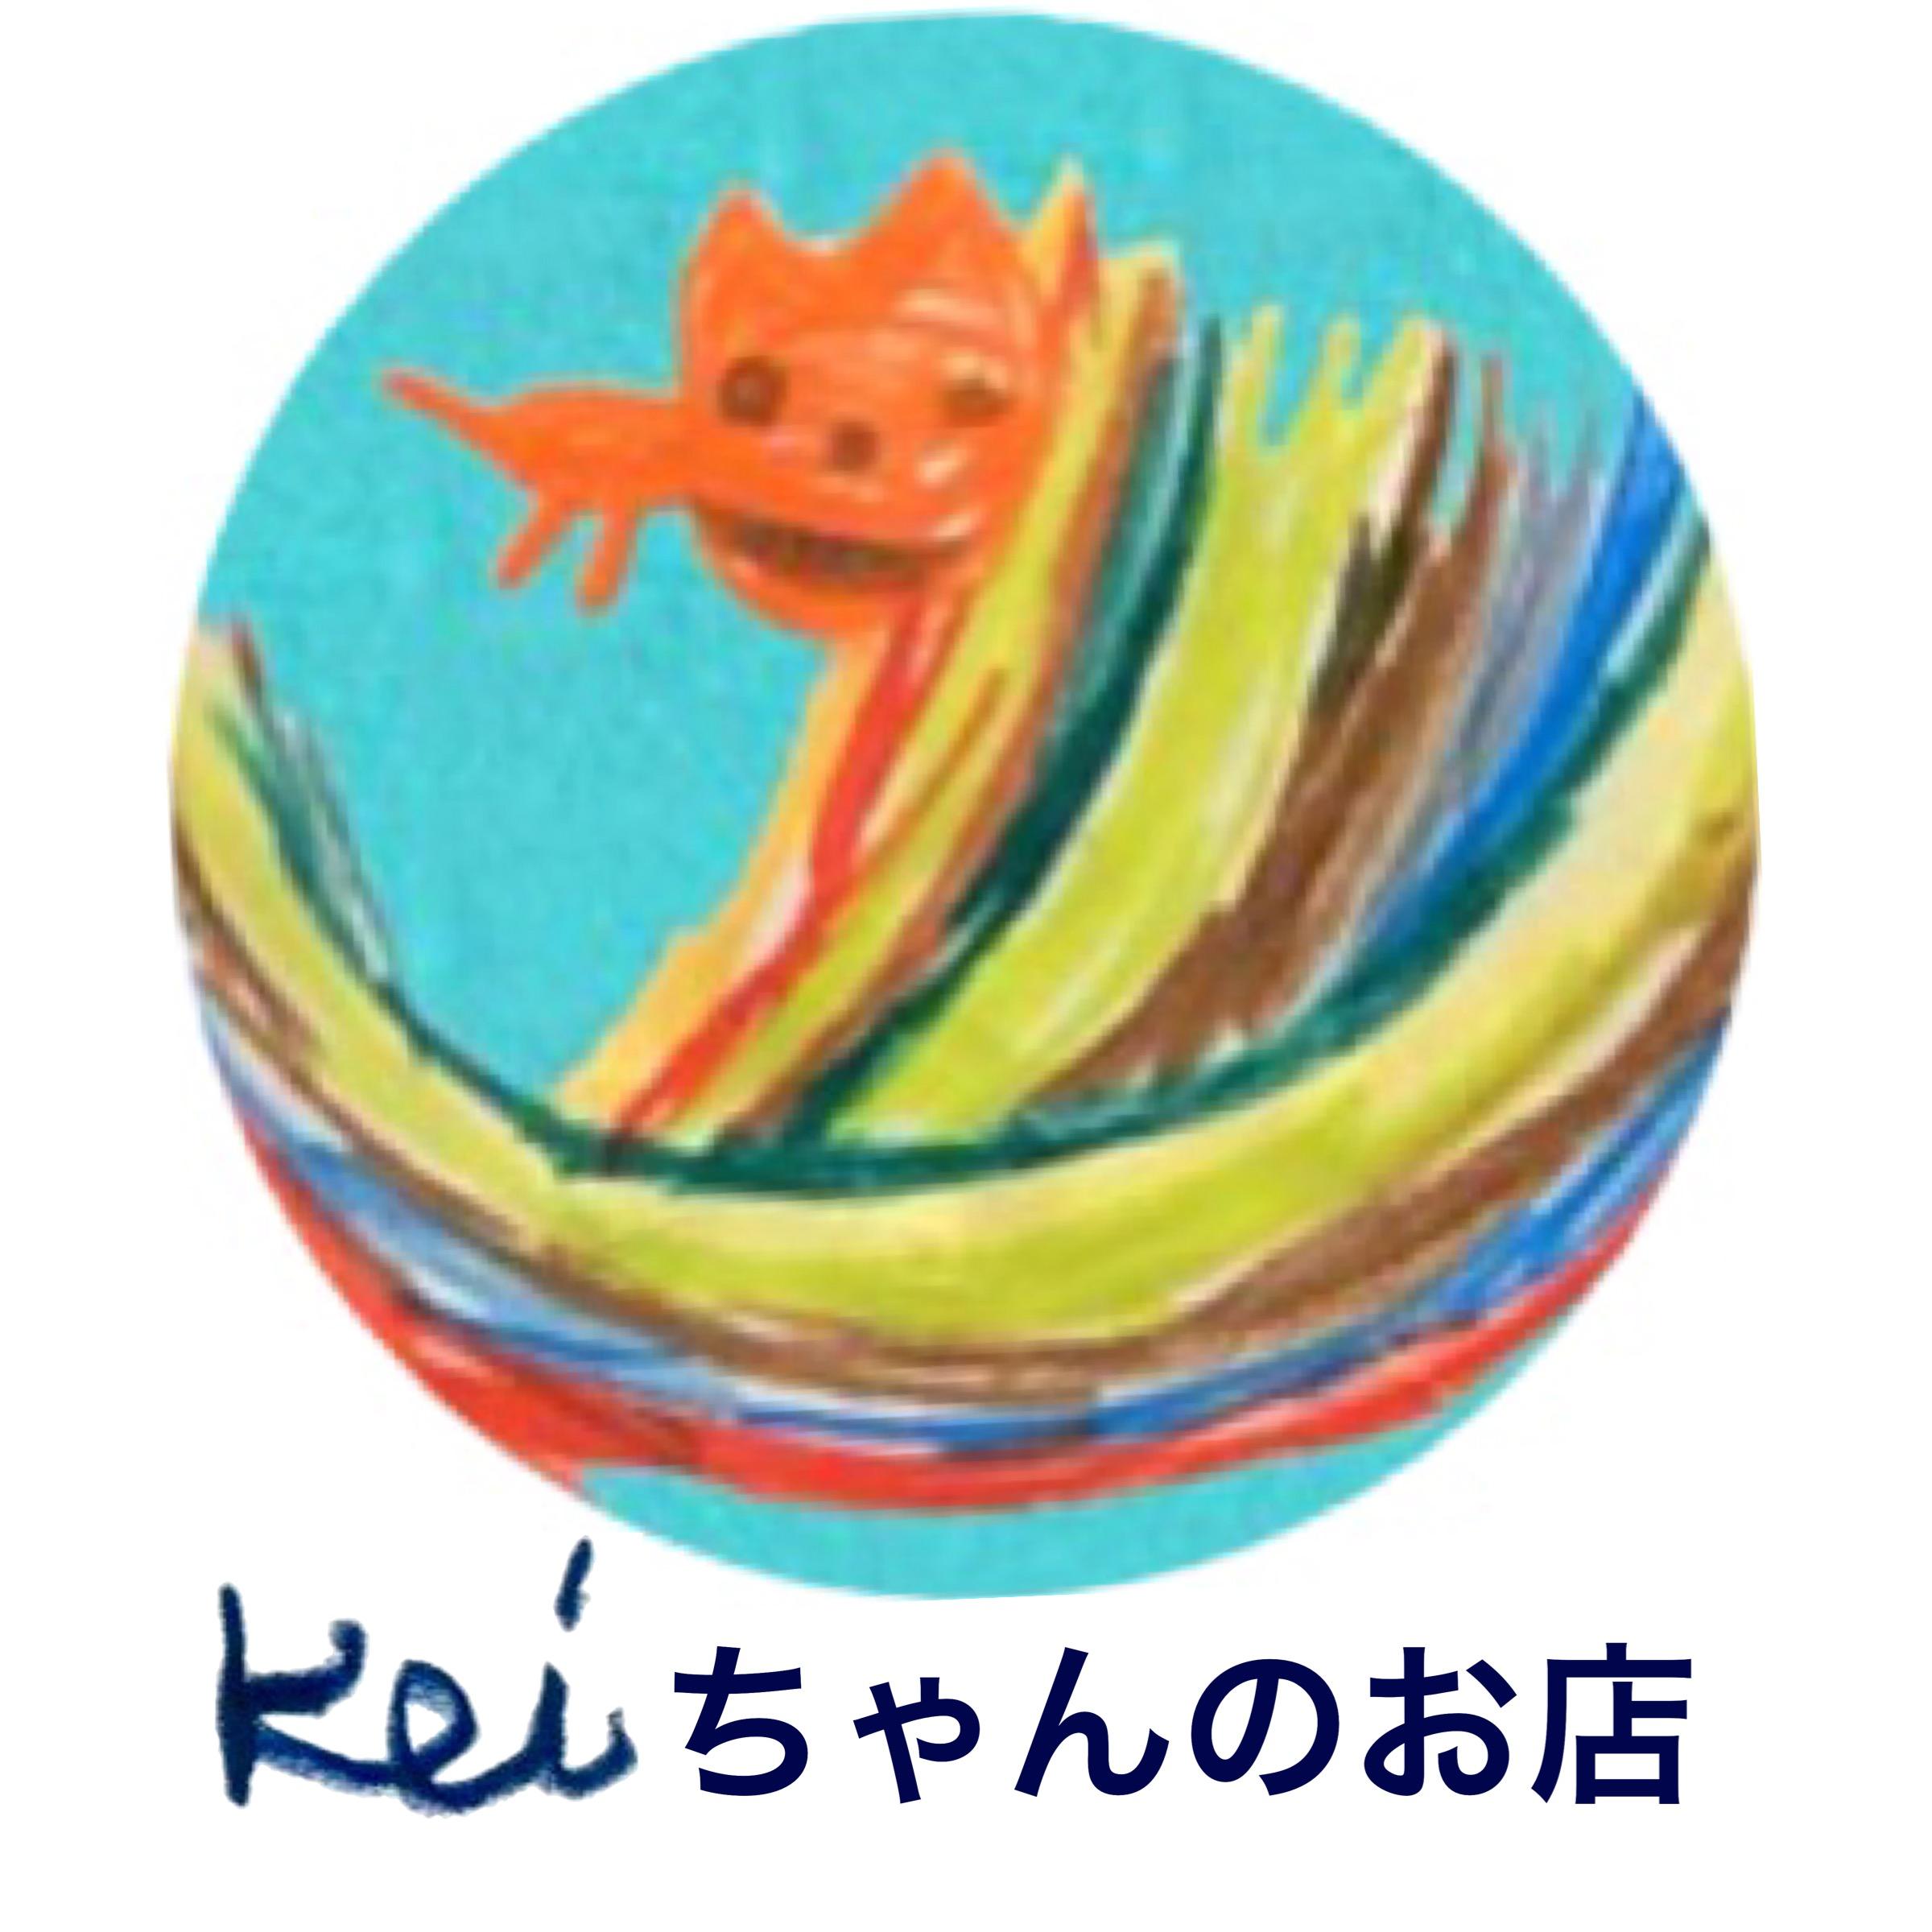 Keiちゃんのお店